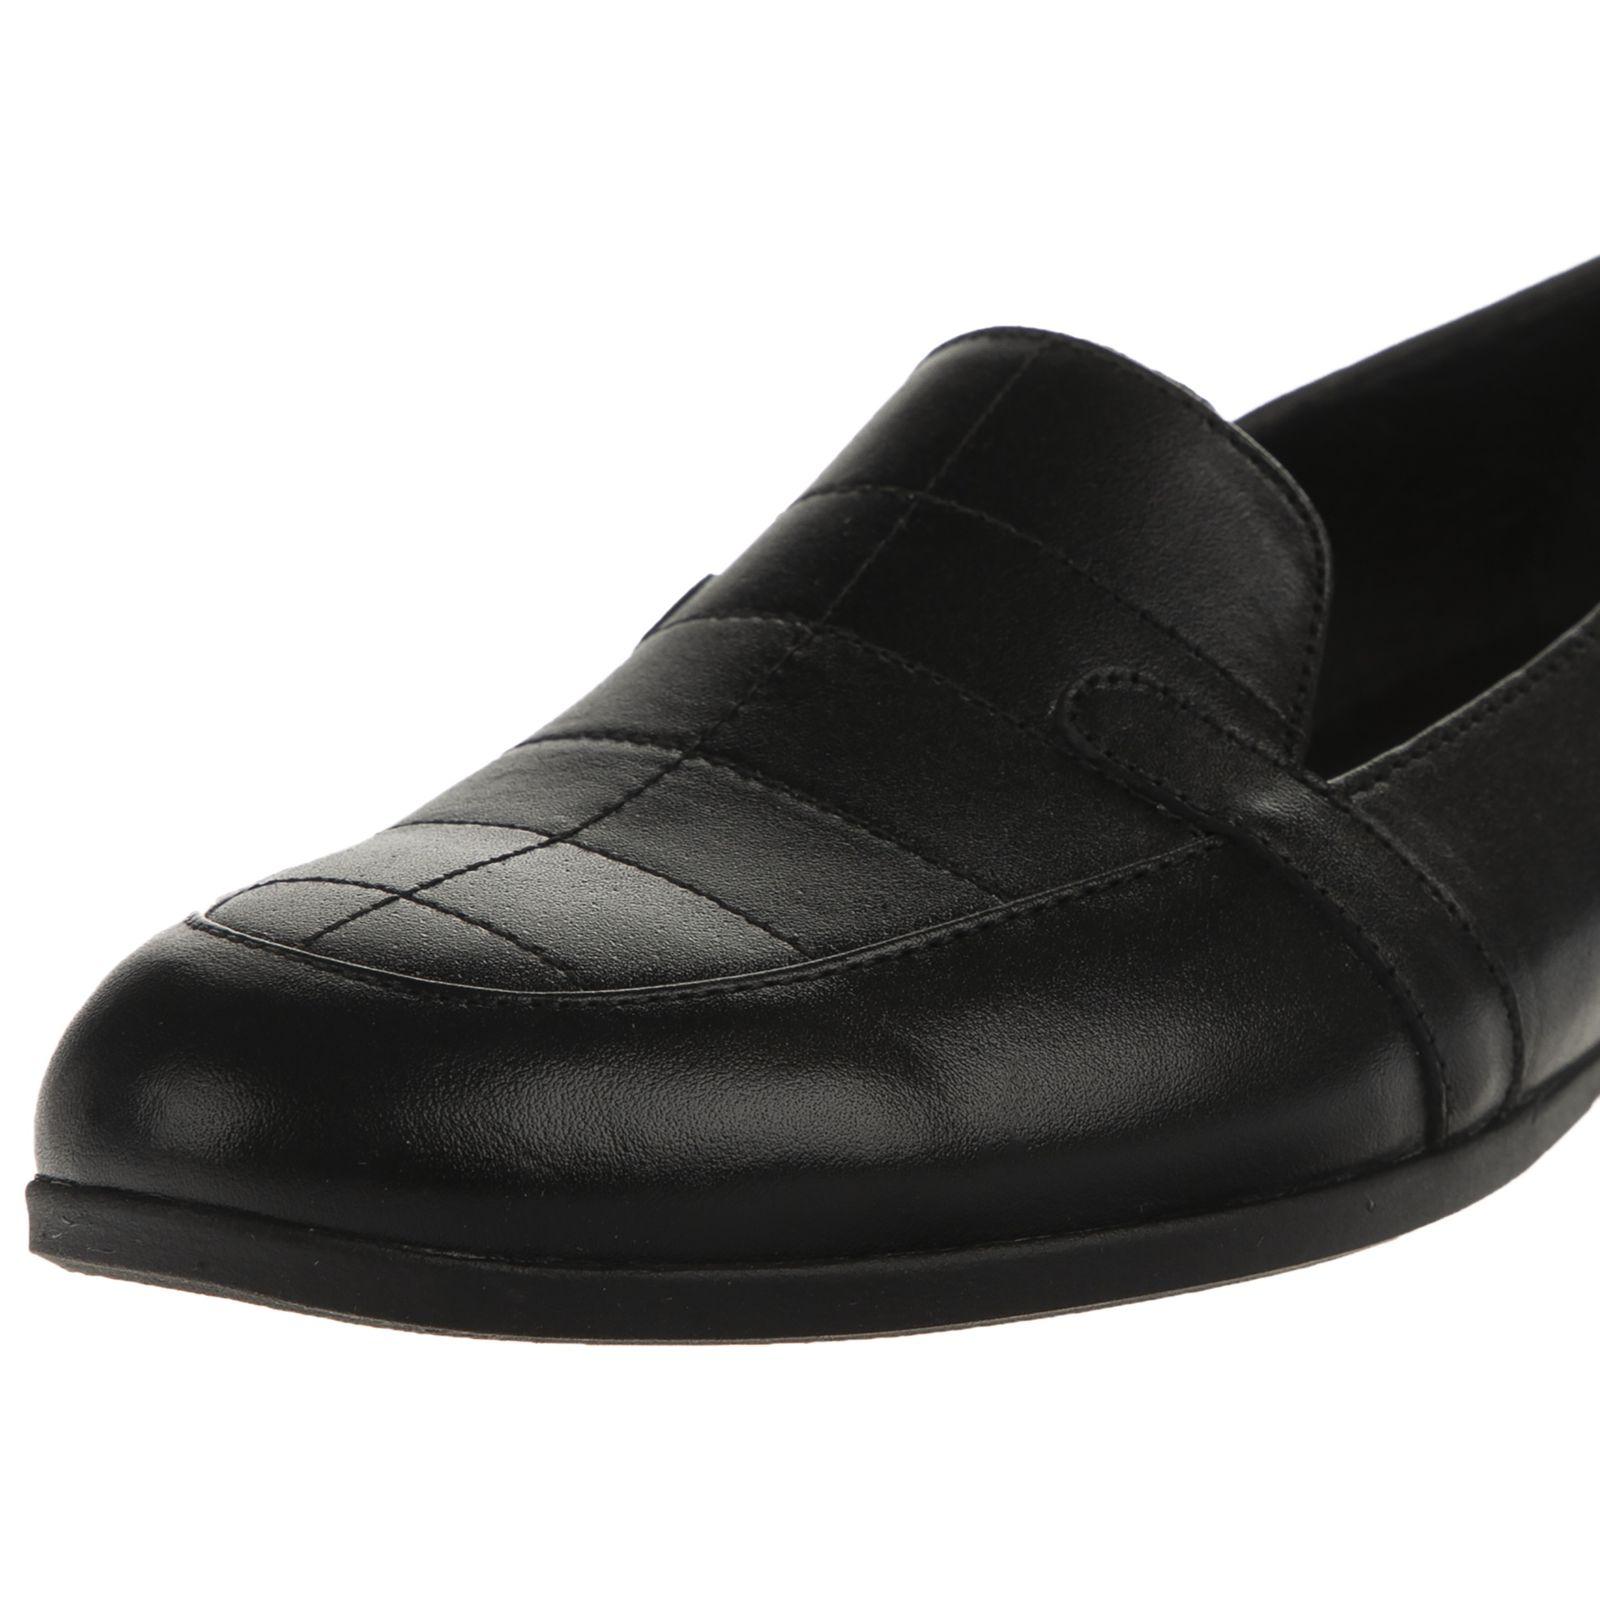 کفش زنانه شیفر مدل 5263A-101 -  - 8